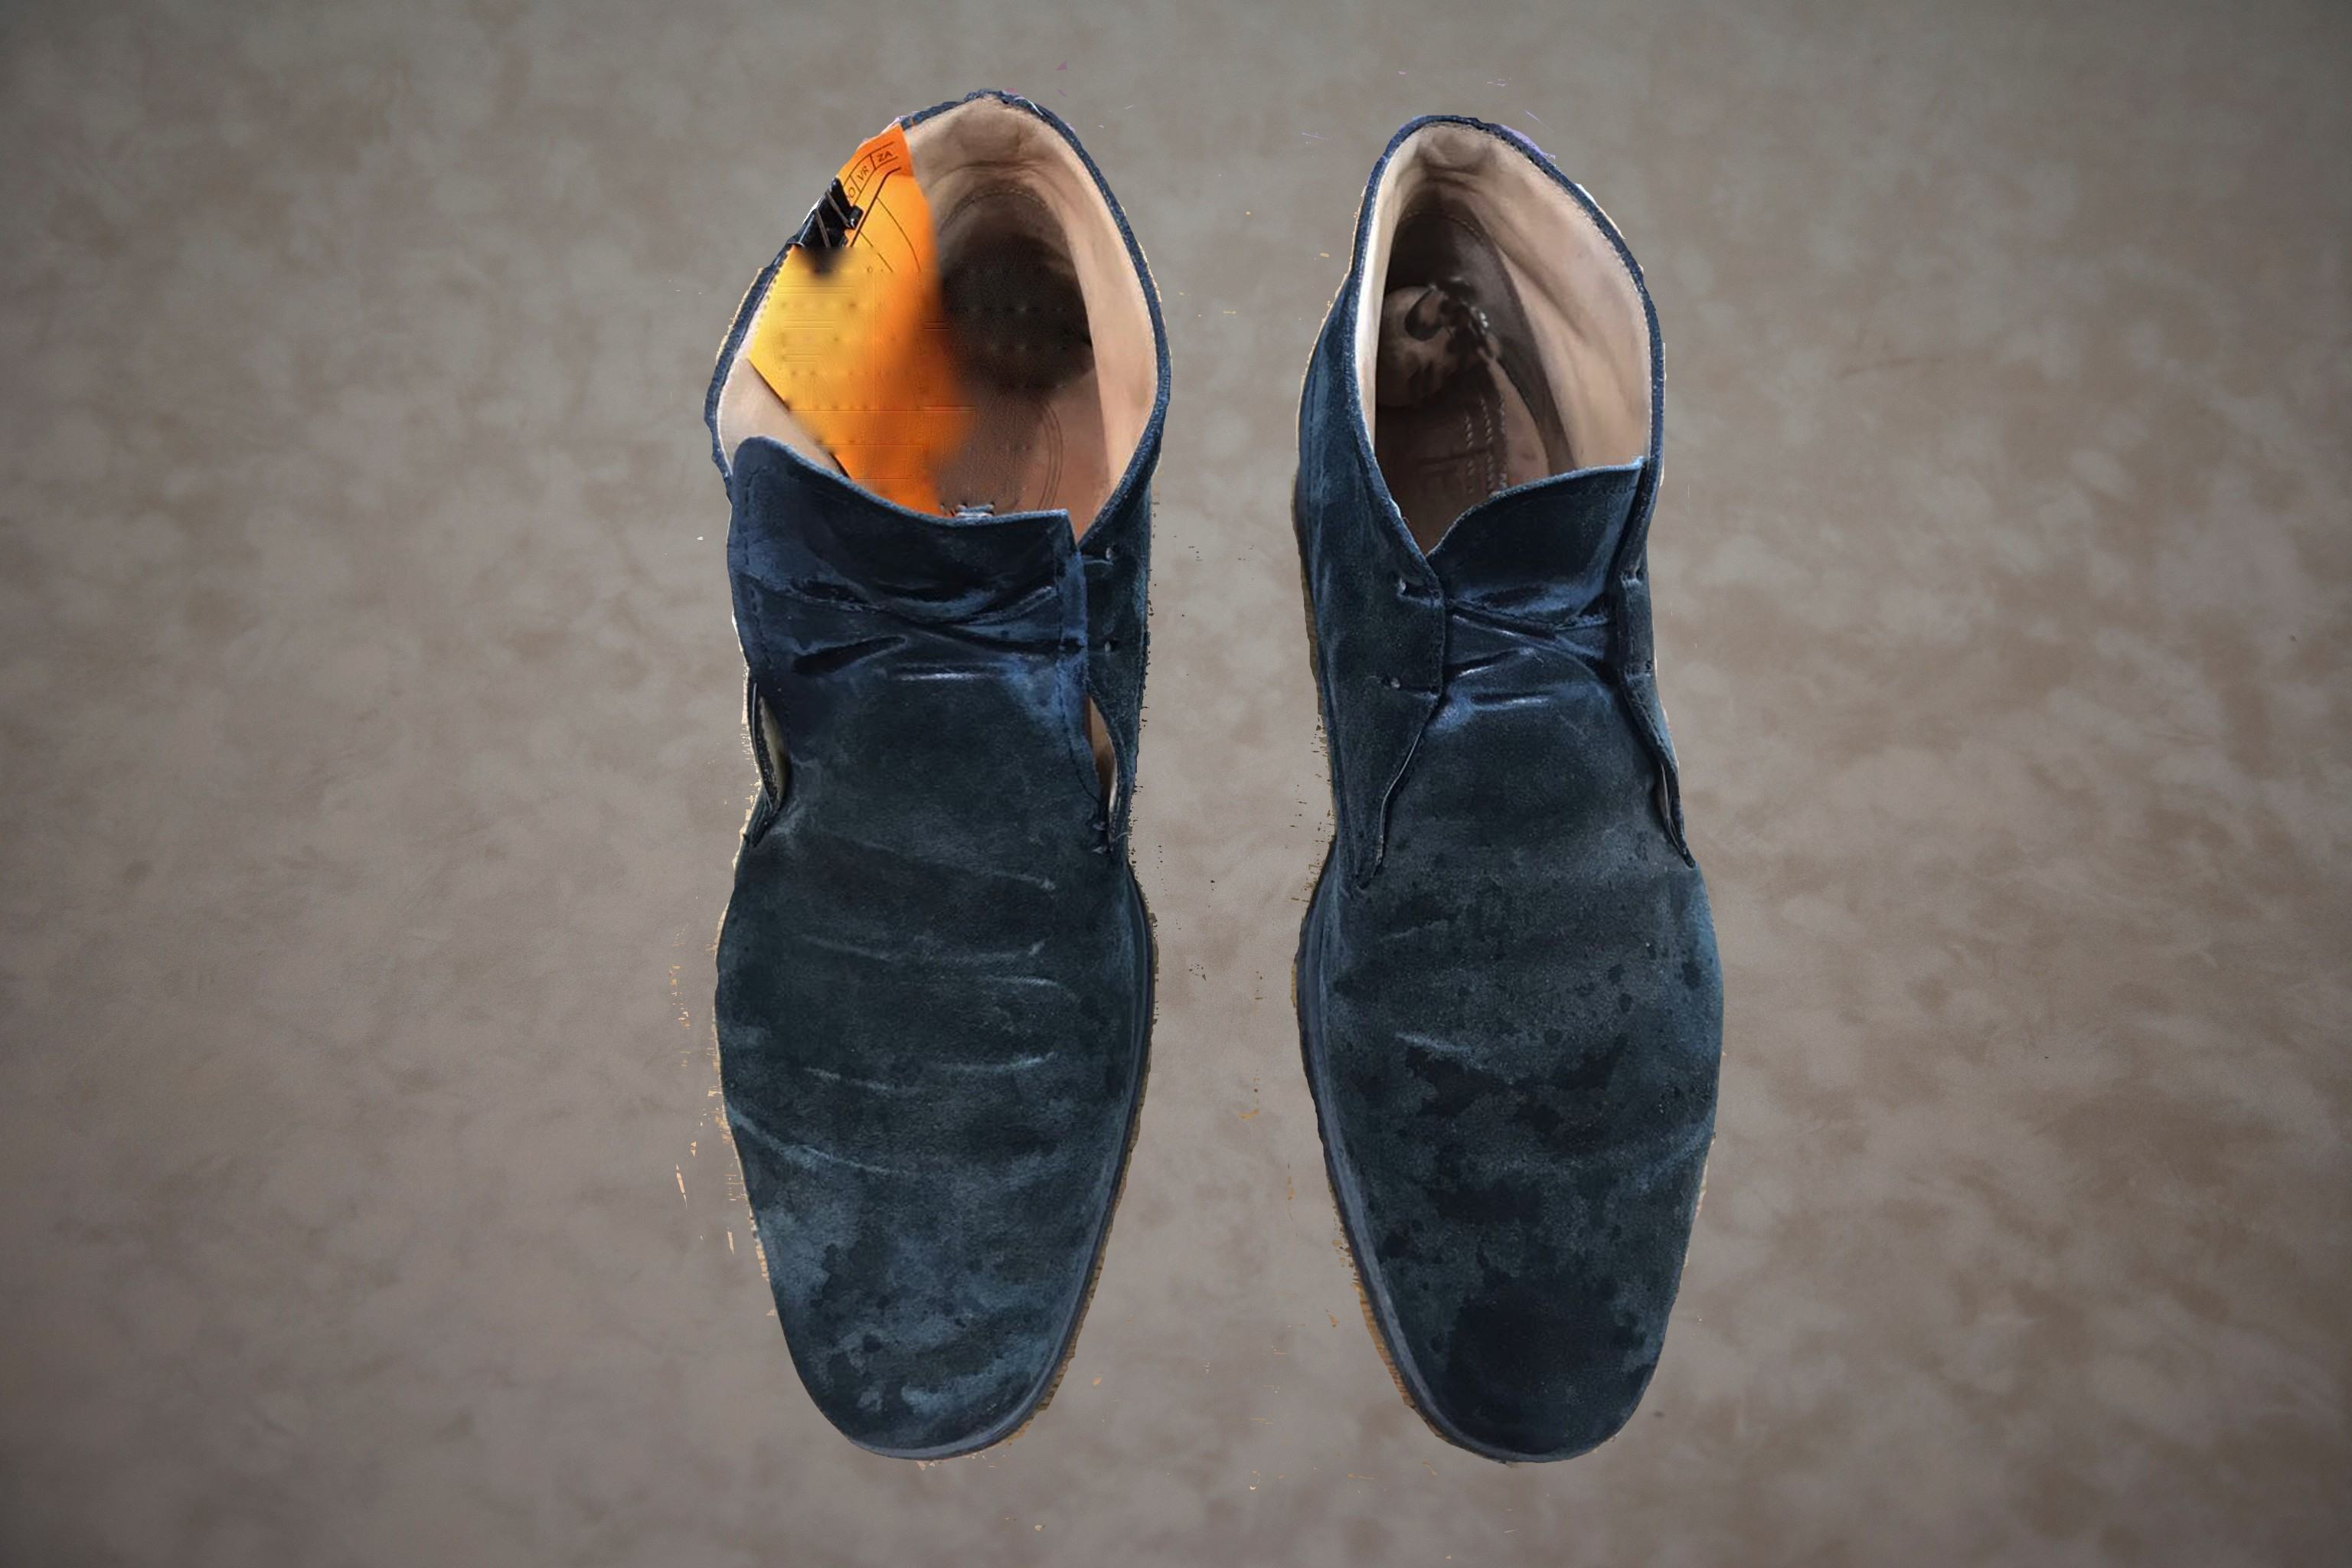 Schoenen schoonmaken voor behandeling